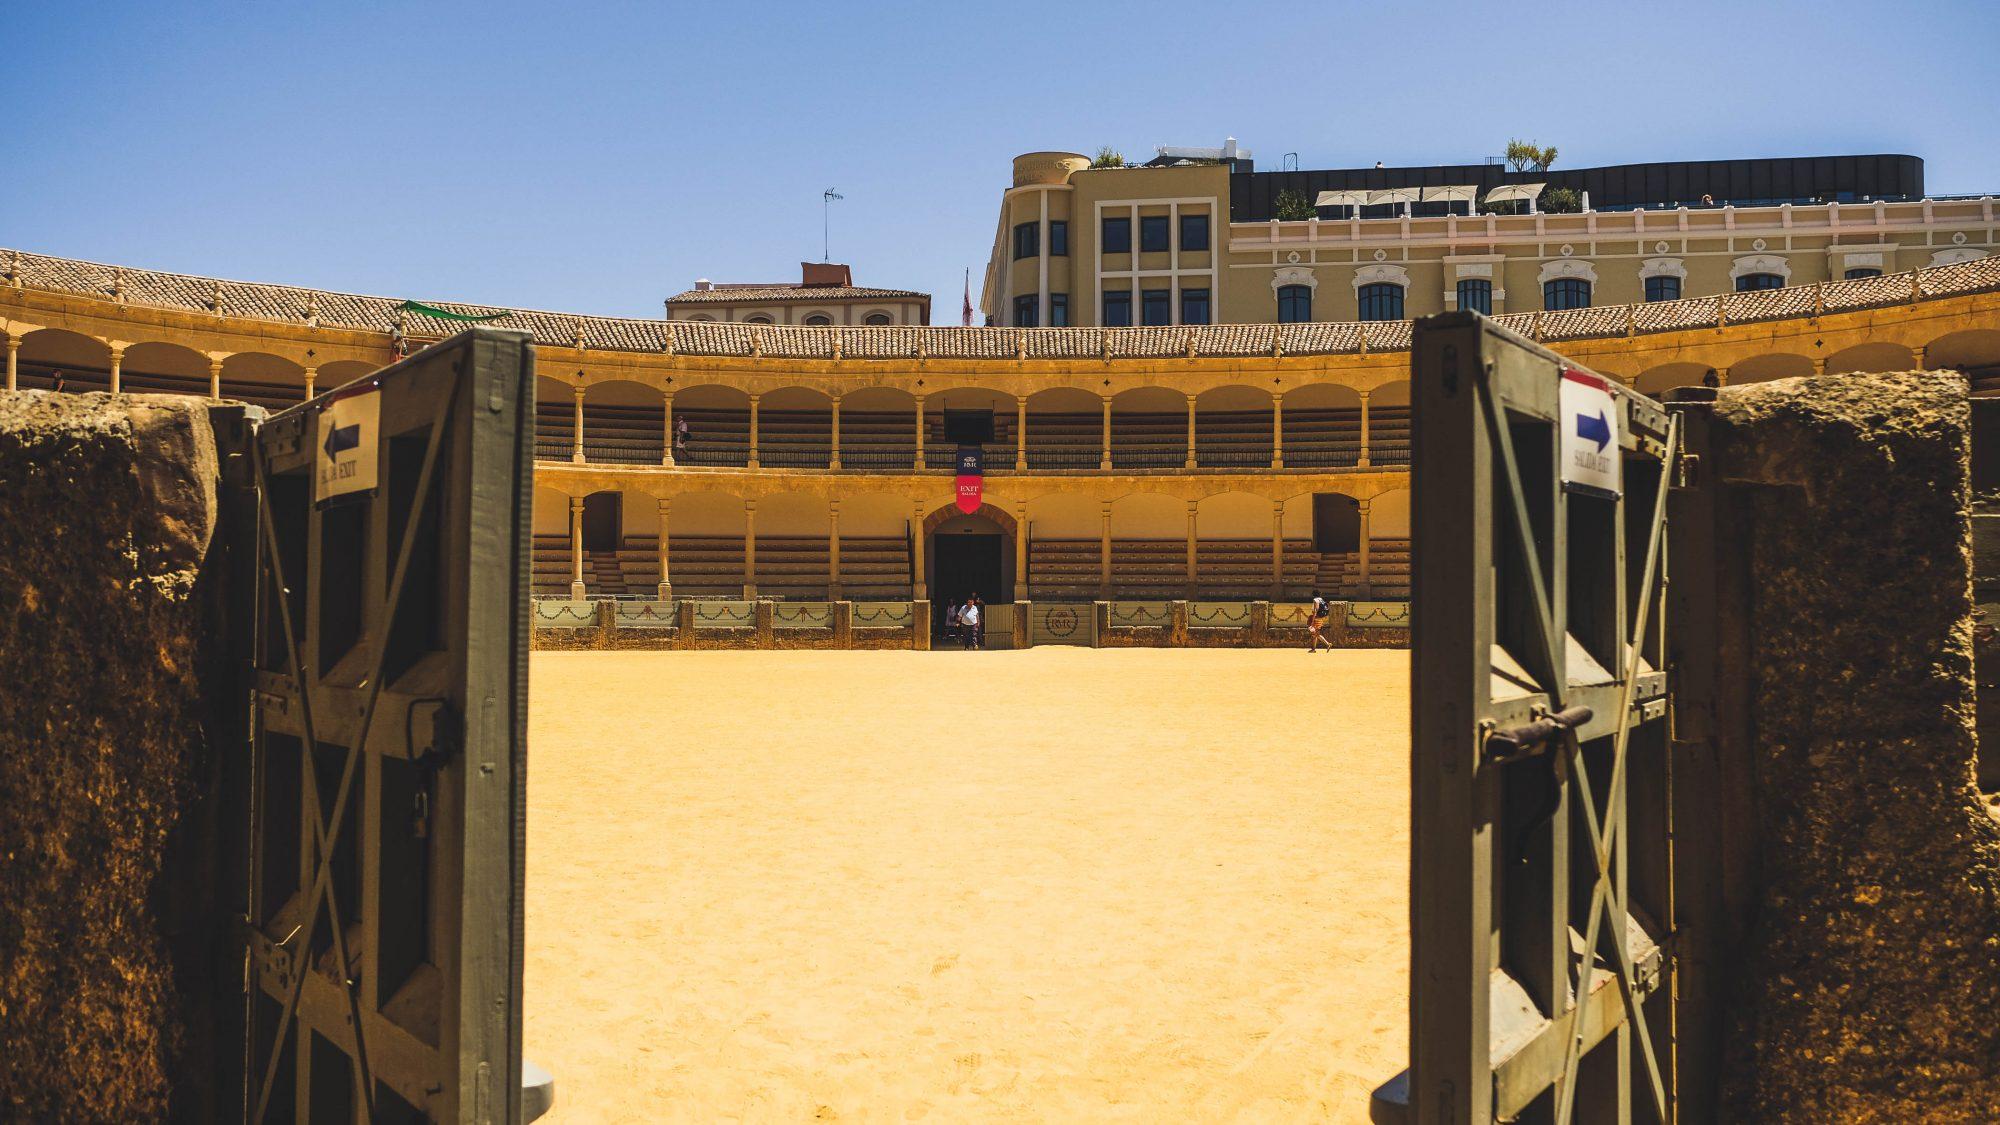 Entrée dans l'arène - Ronda, Espagne